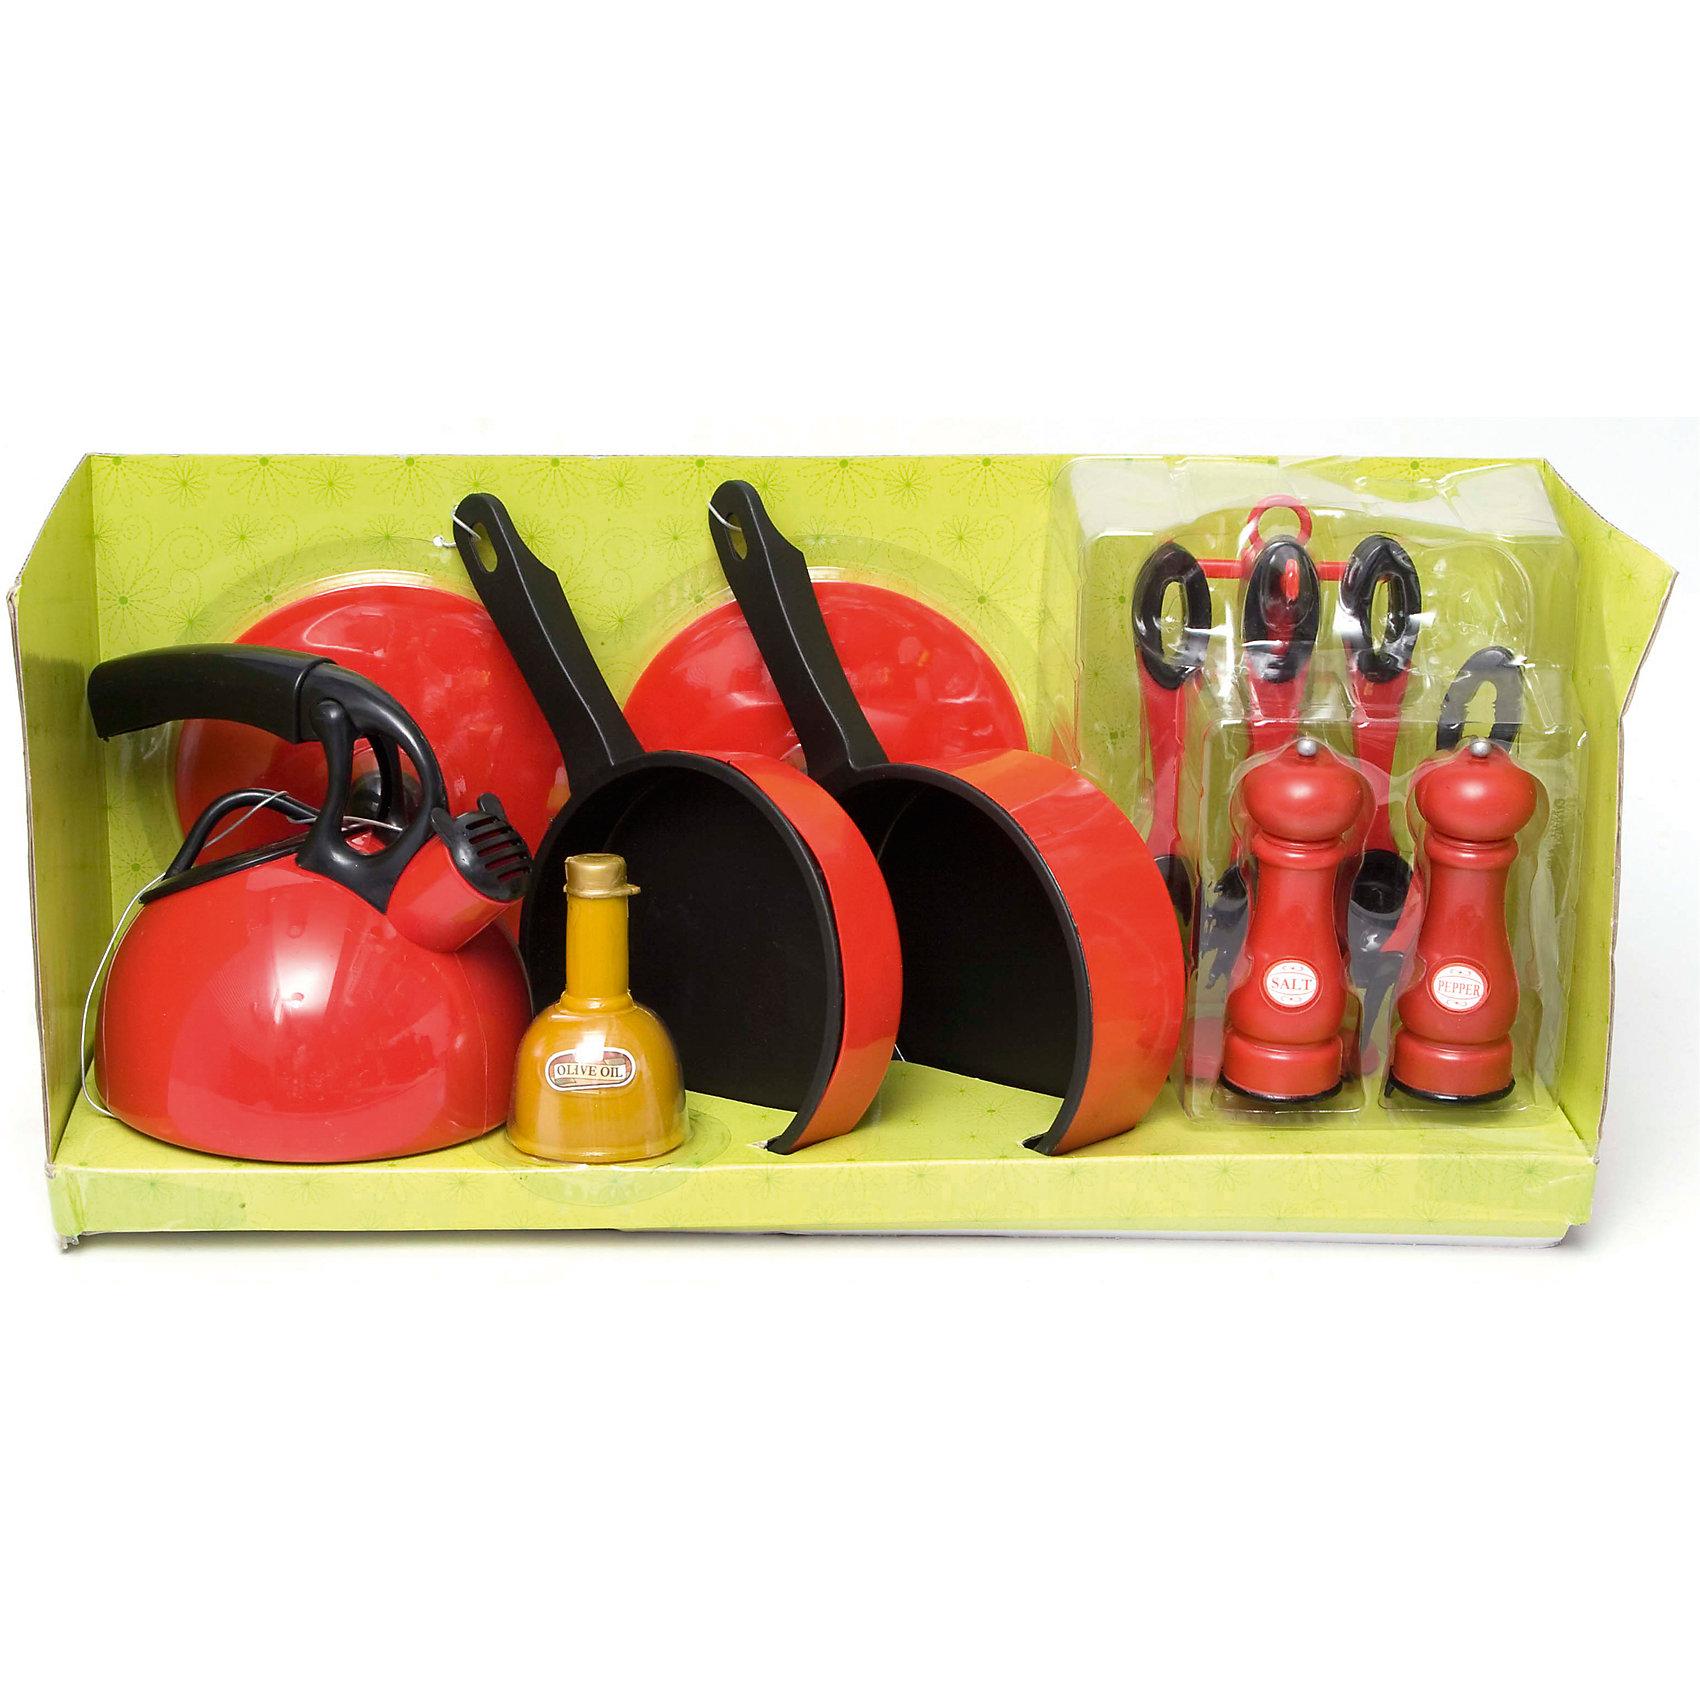 Boley Кухонная посуда, 14 предметов, Boley красный лагерь на открытом воздухе кемпинга кухонная посуда кухонная посуда кухонная посуда 2 3 человек пикник посуда посуда teapot set